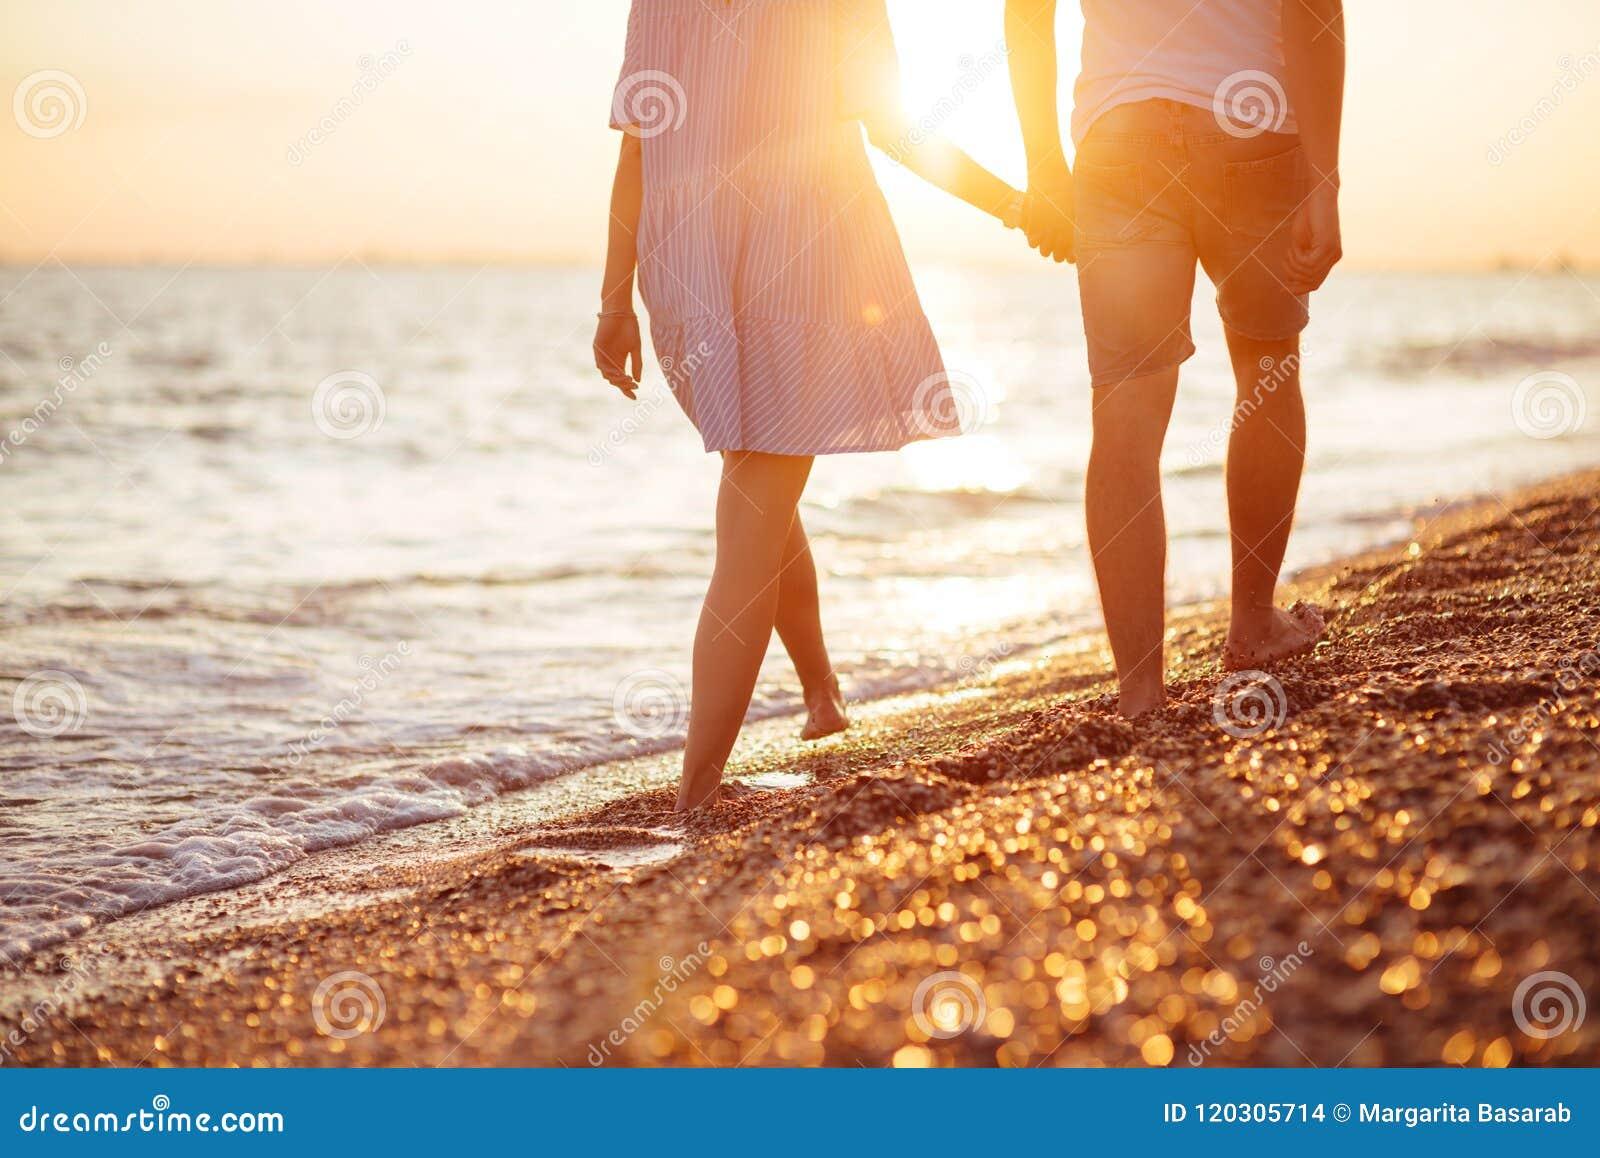 Νέο ευτυχές ζεύγος στην ακτή